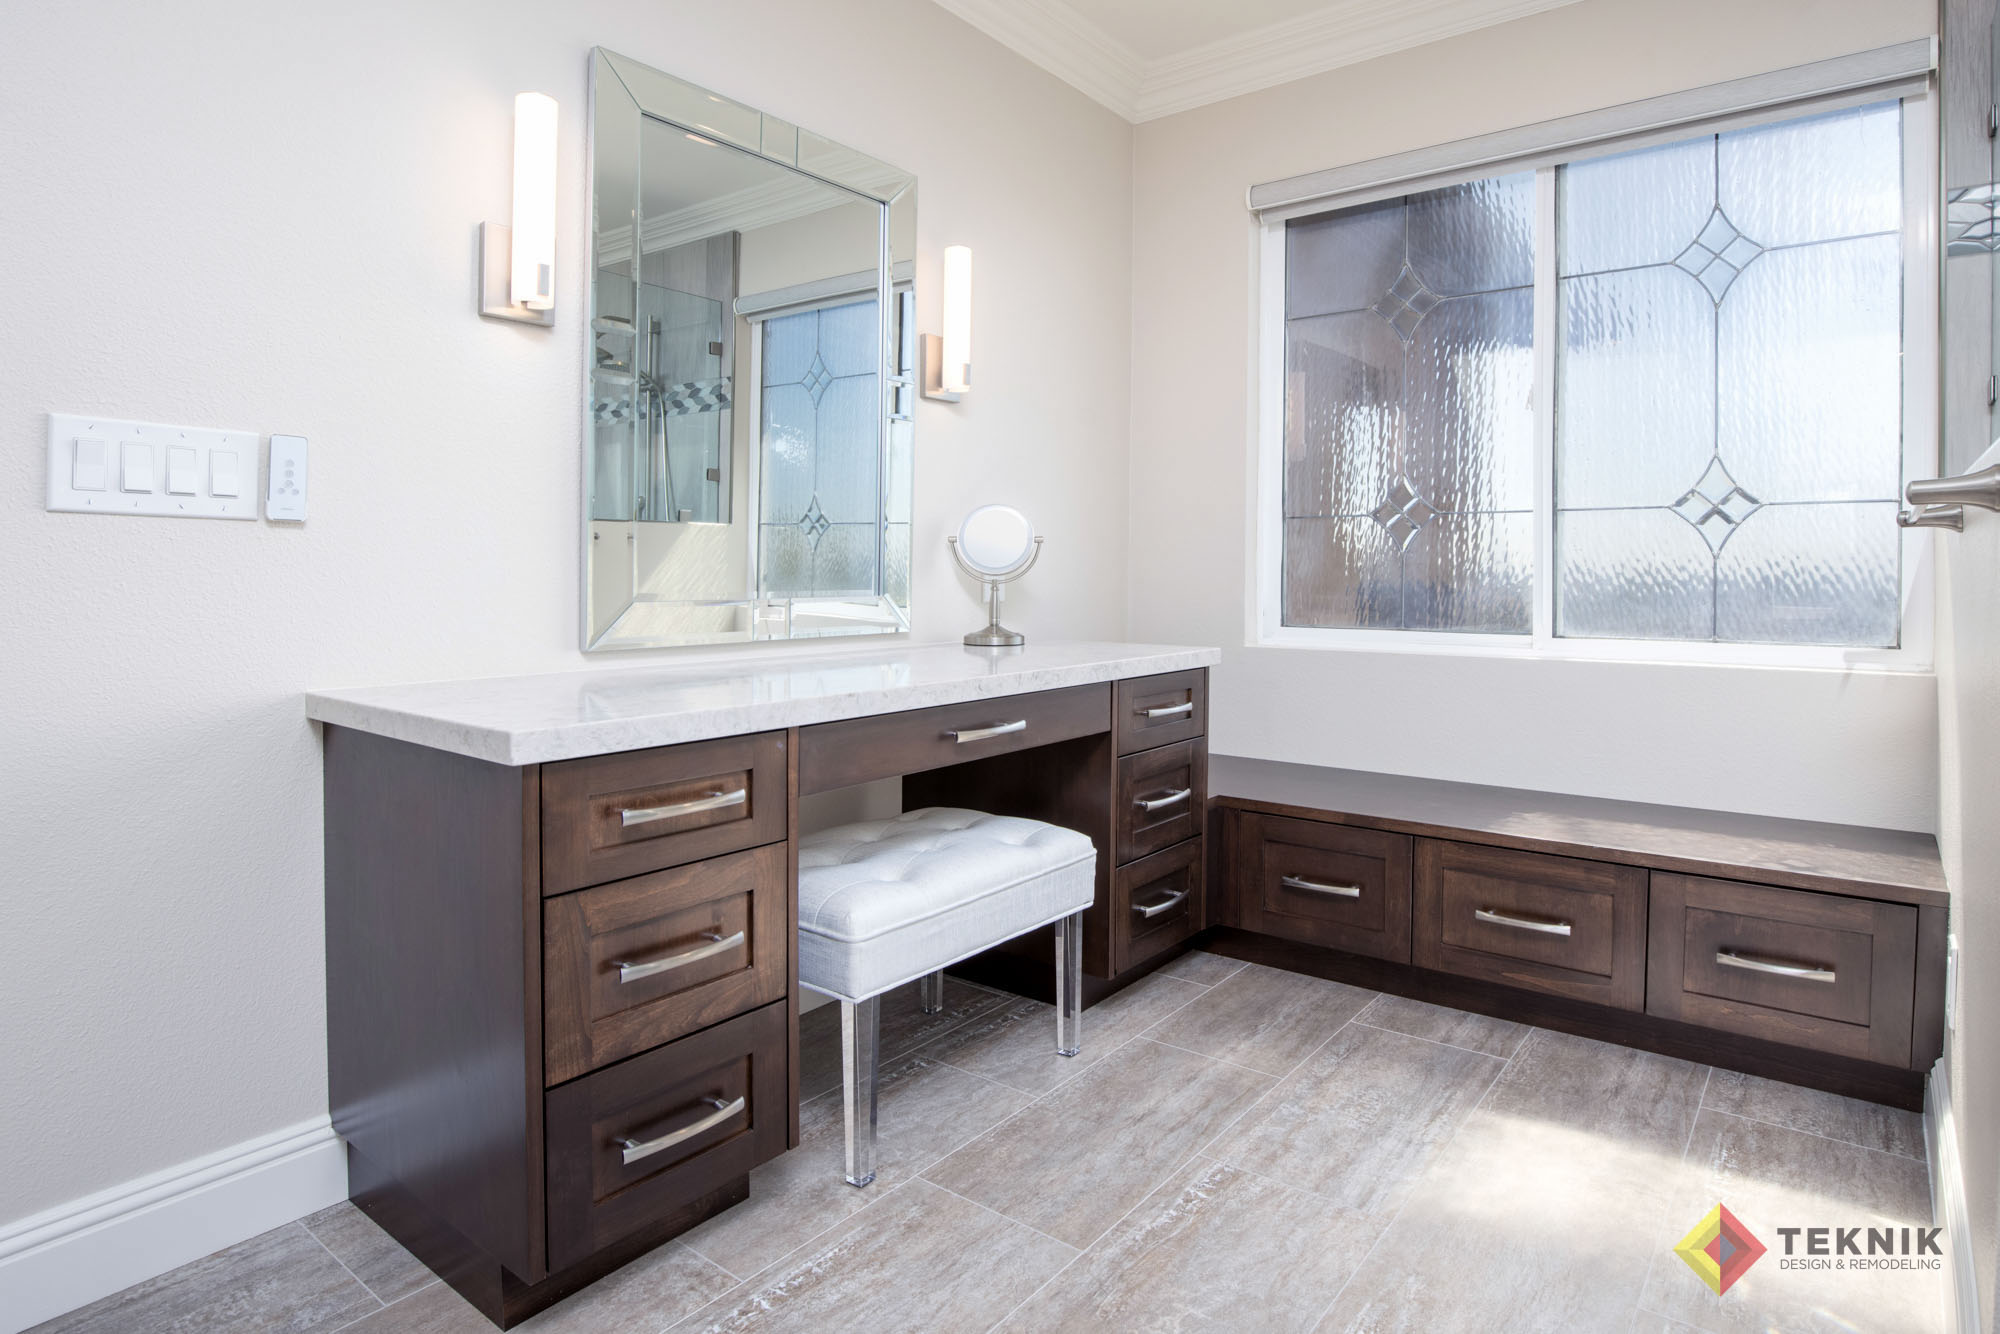 Teknic Bathroom Remodel in San Diego